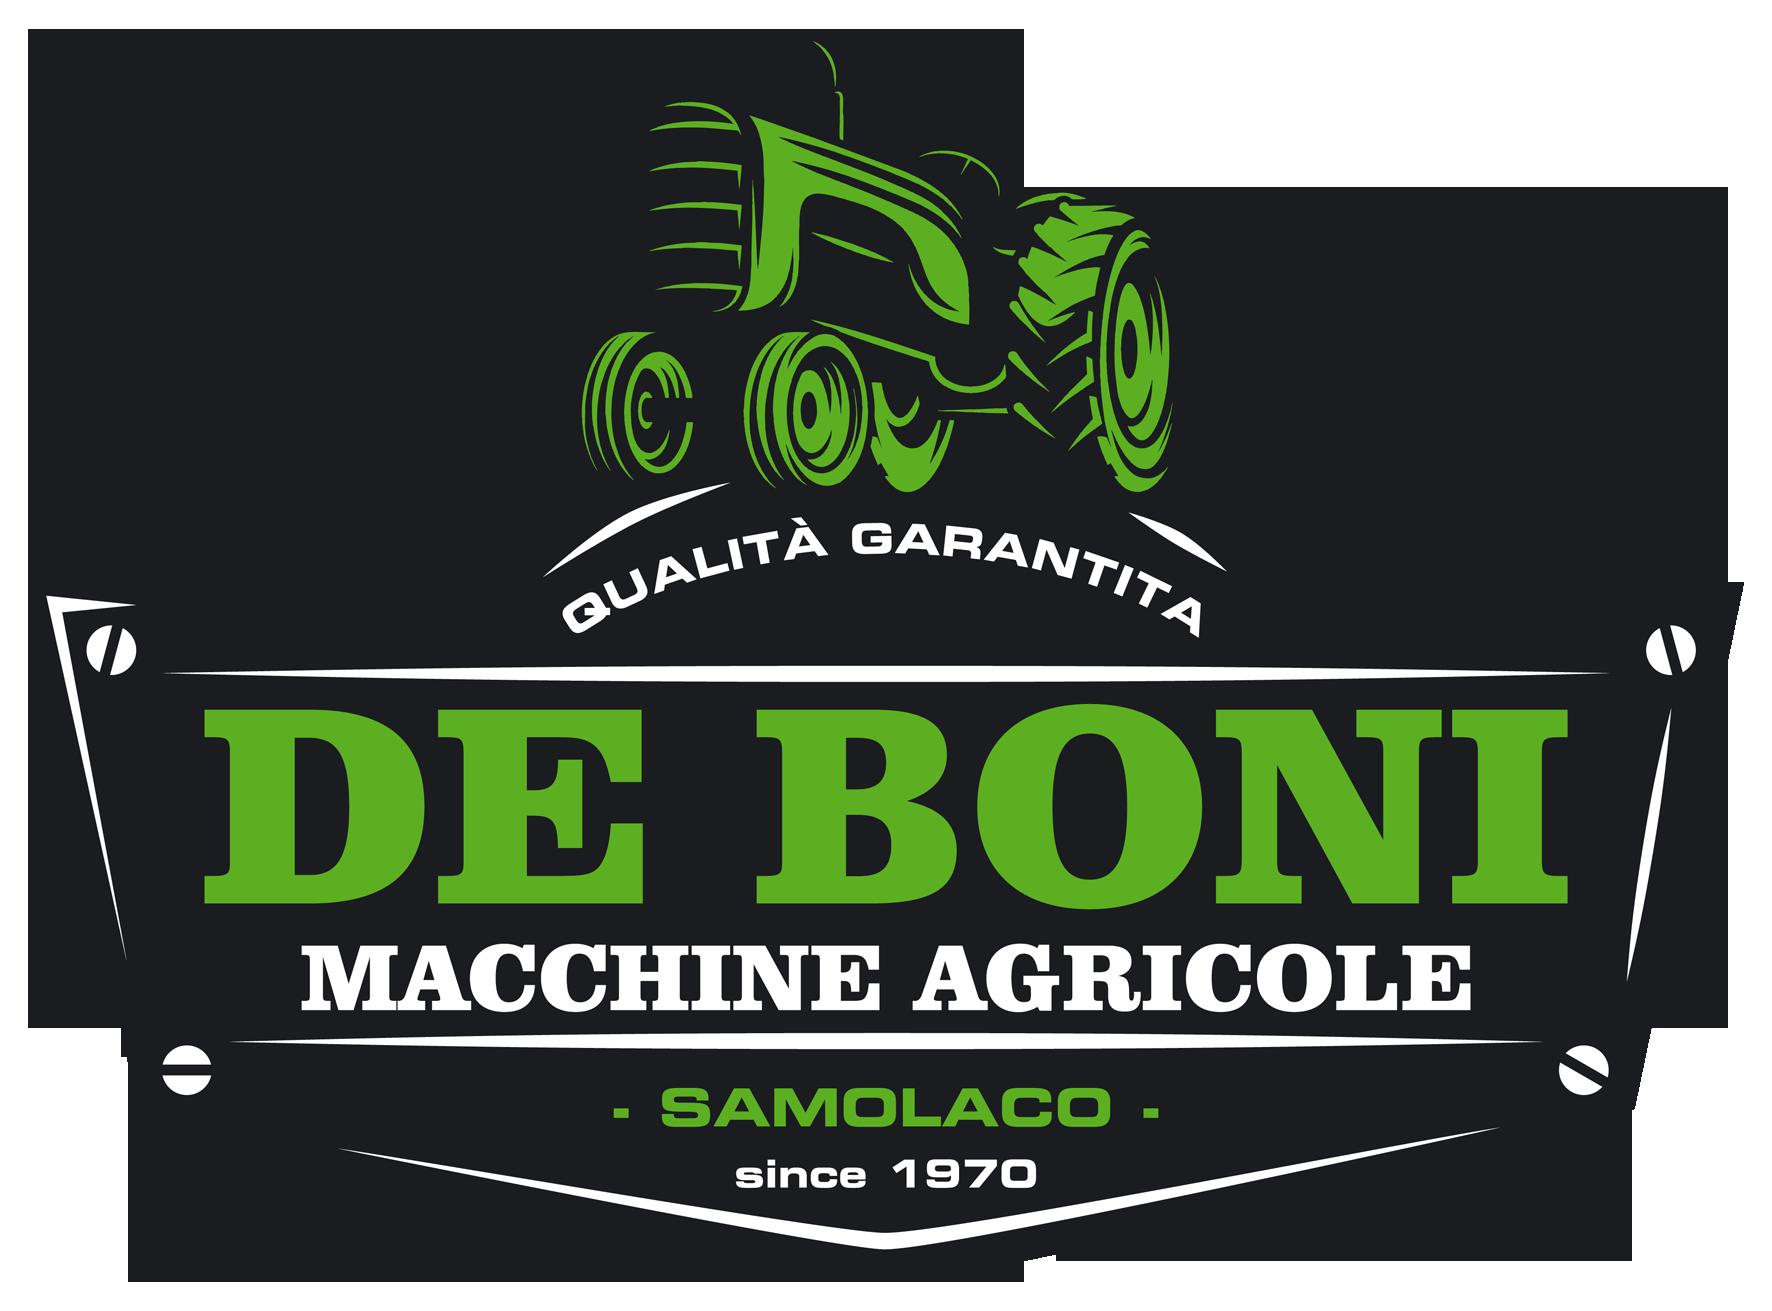 Fratelli De Boni